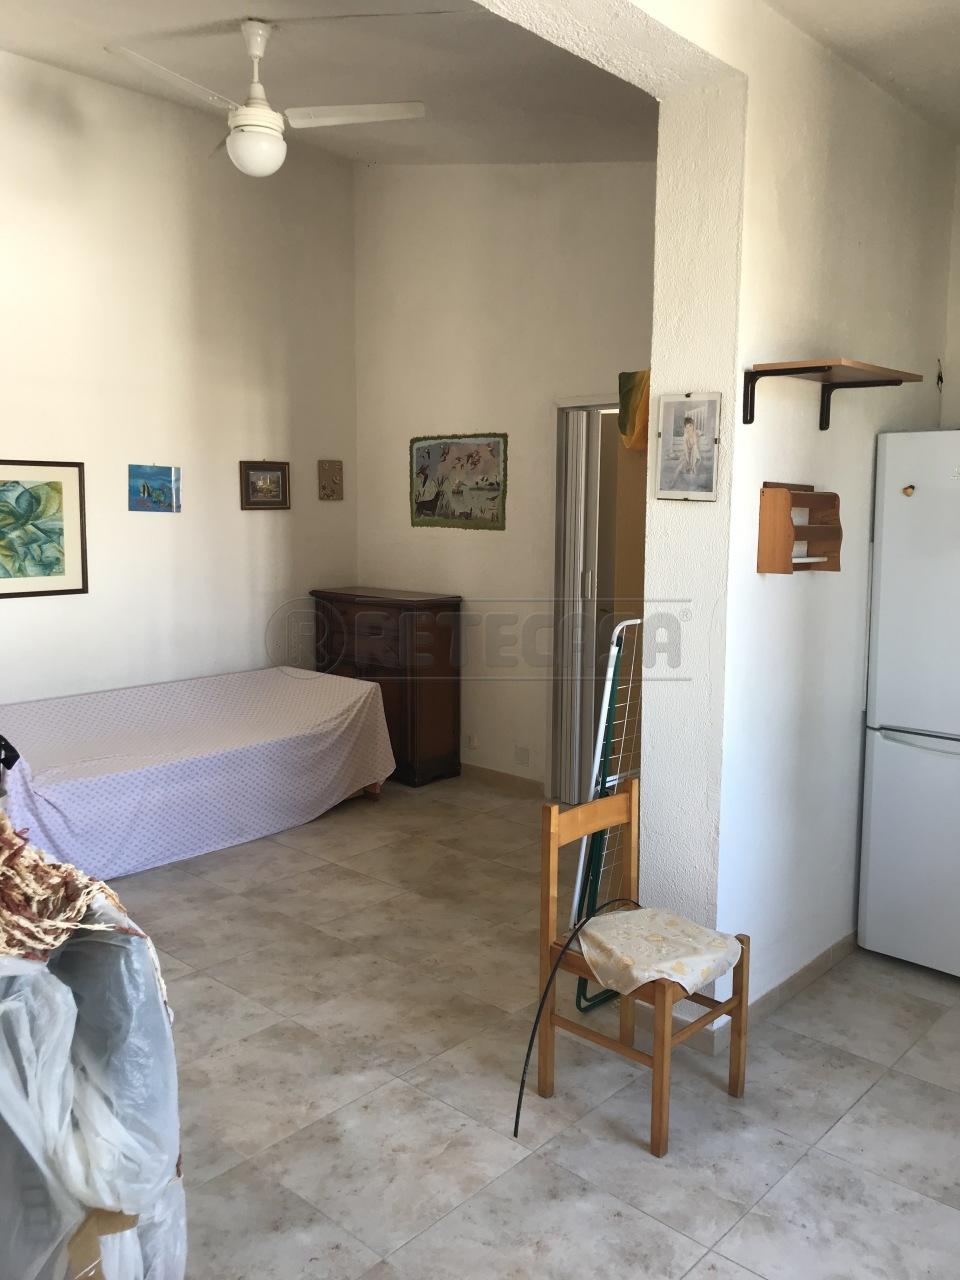 Villa a Schiera in vendita a Cropani, 3 locali, prezzo € 40.000 | CambioCasa.it